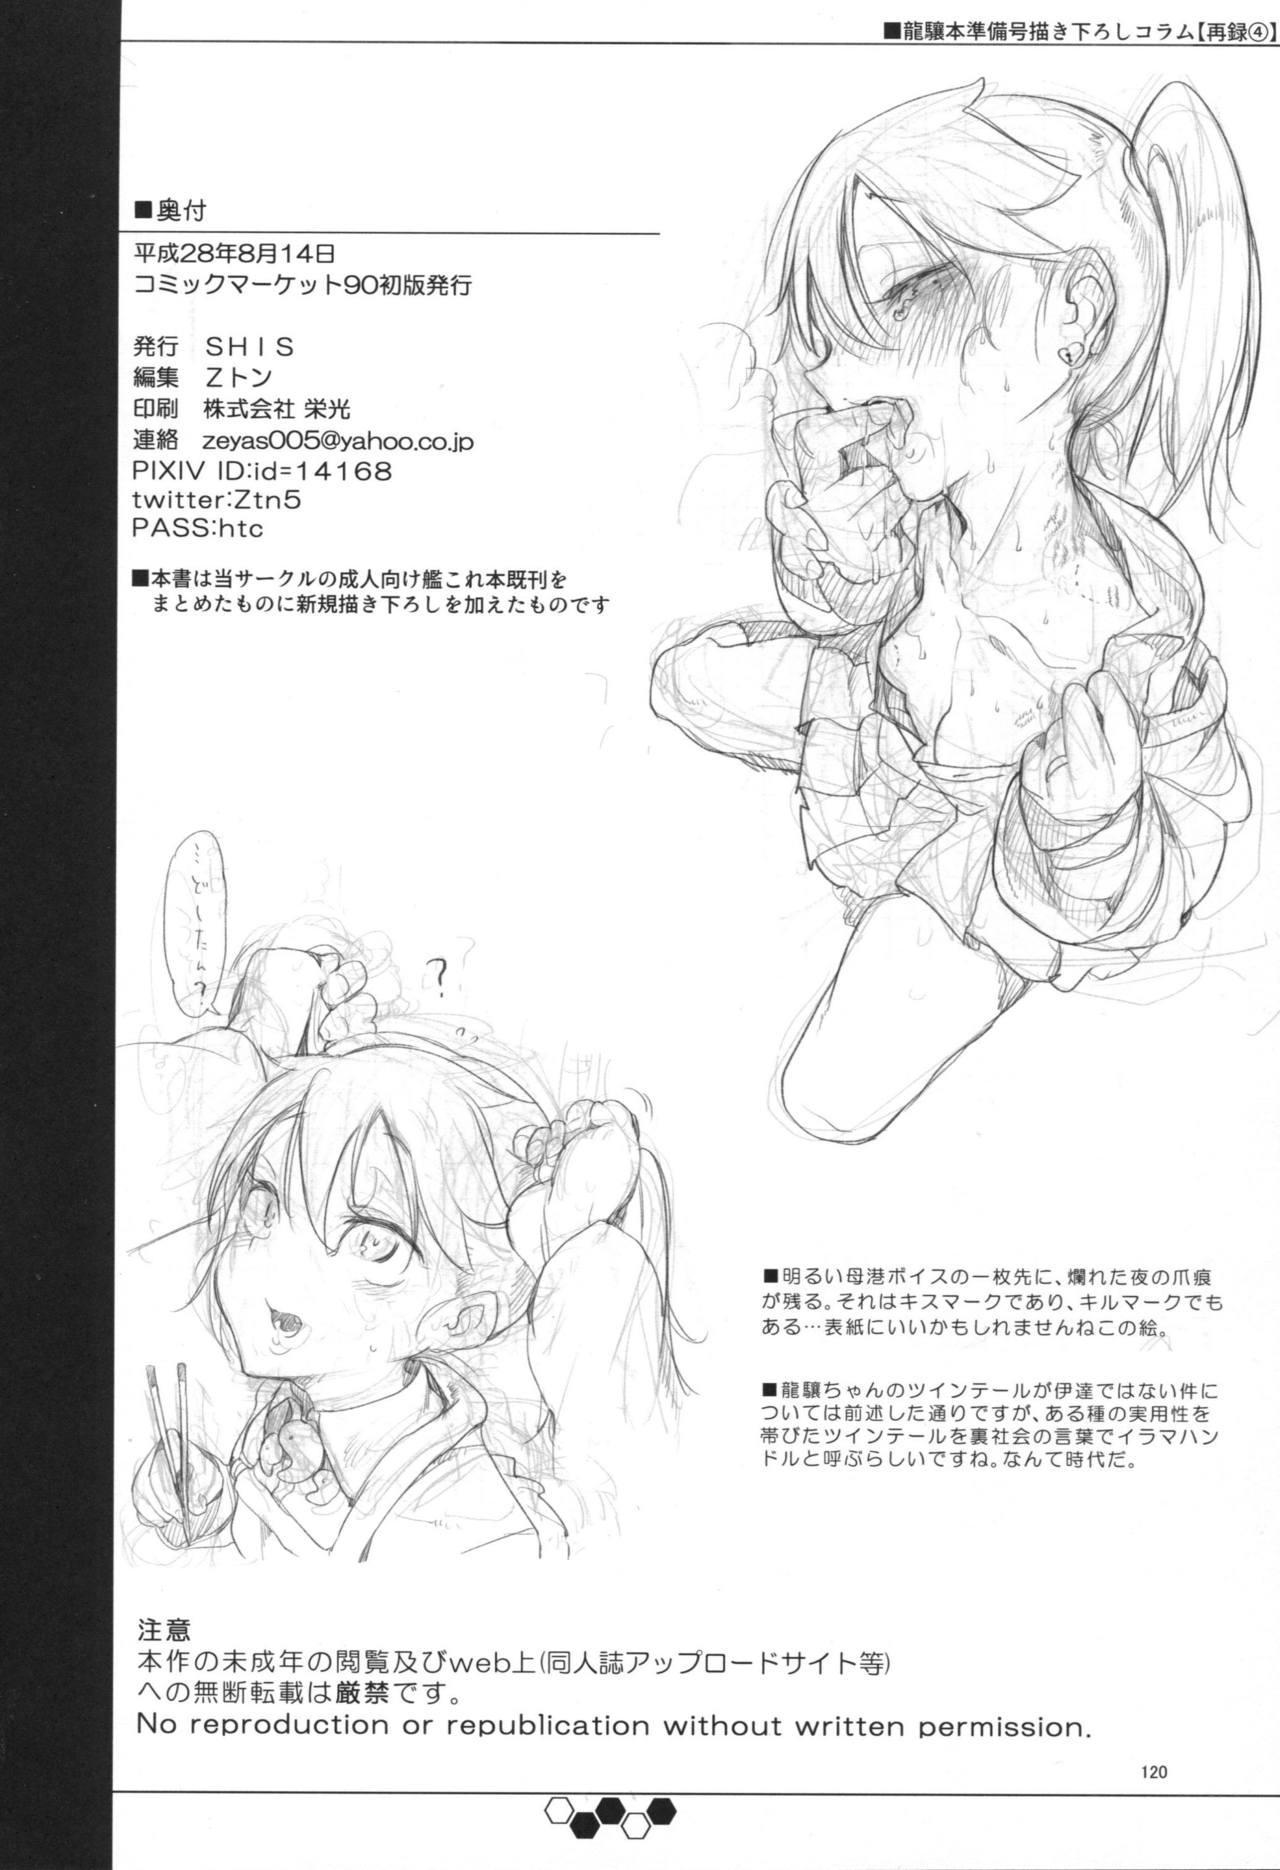 Hentai Selection 118